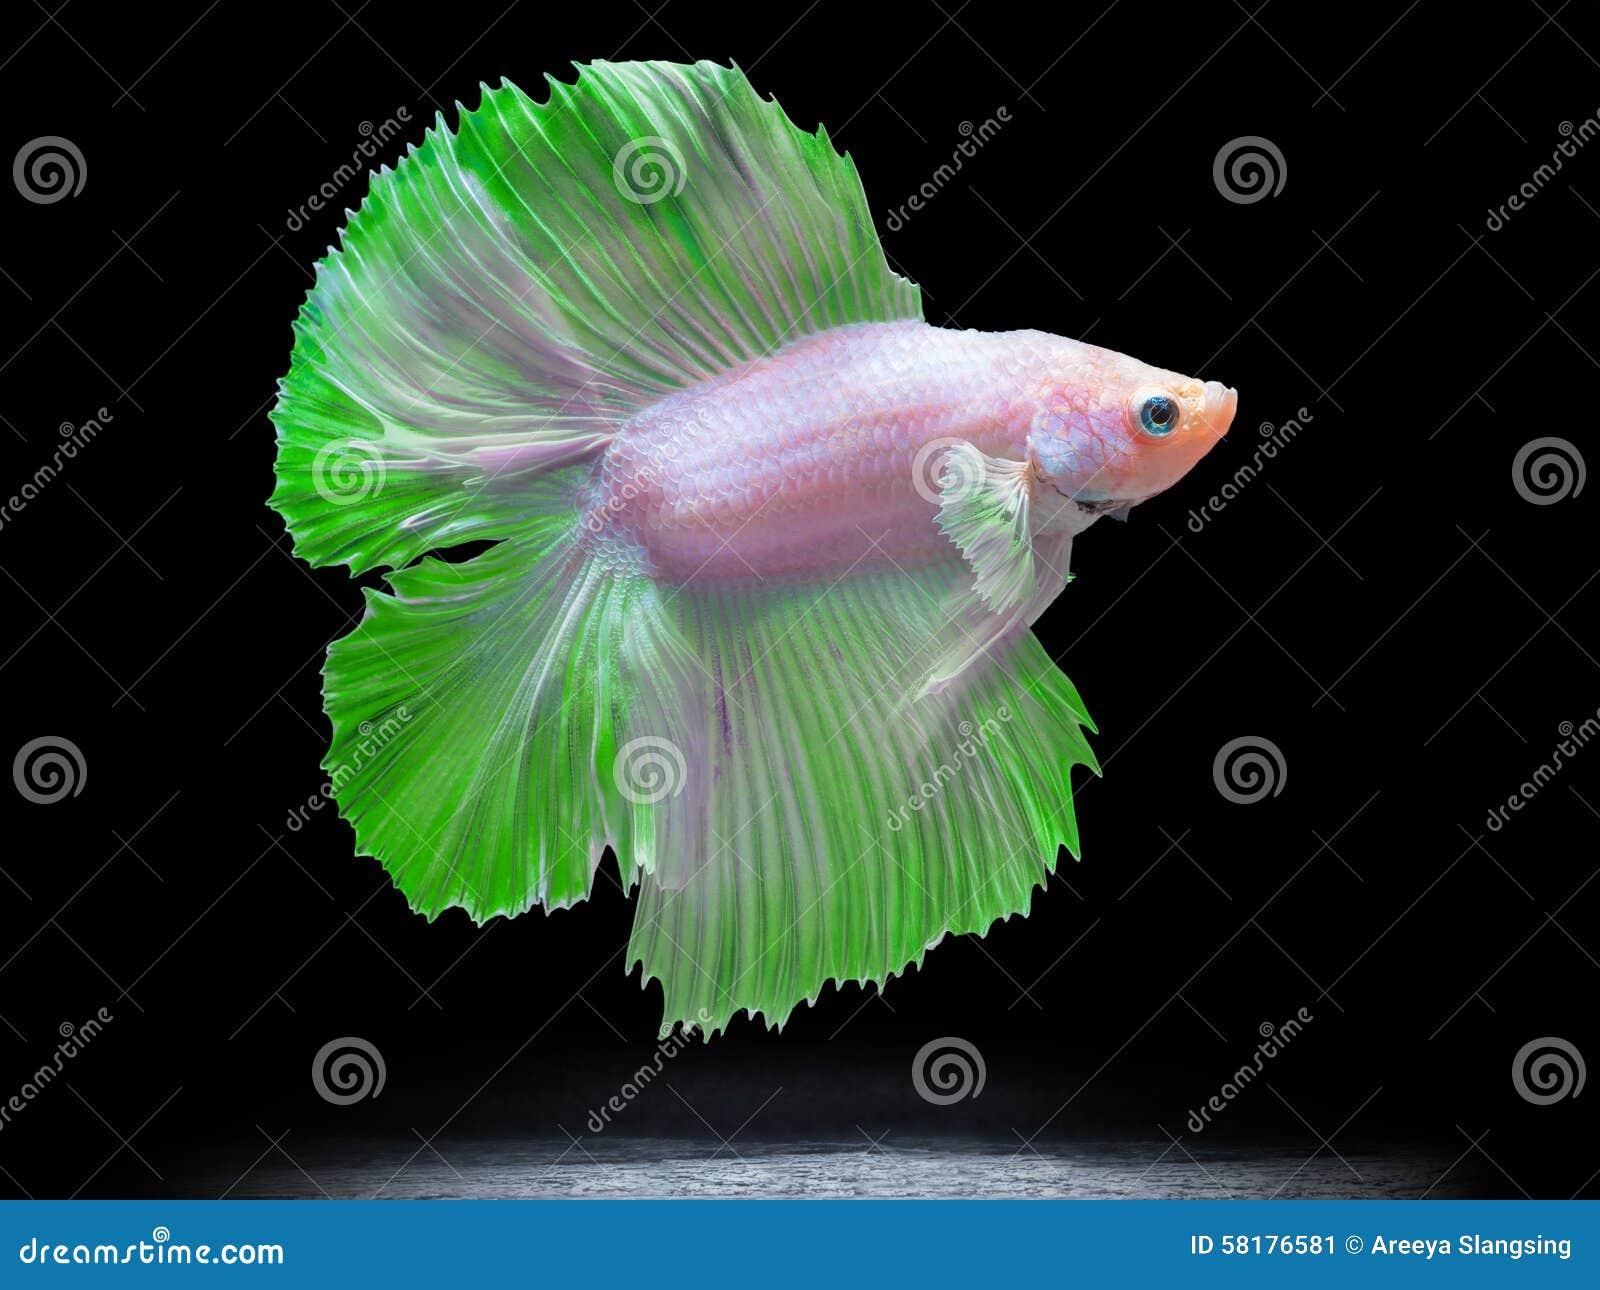 Siam fighting fish on black betta fish stock image for Black betta fish